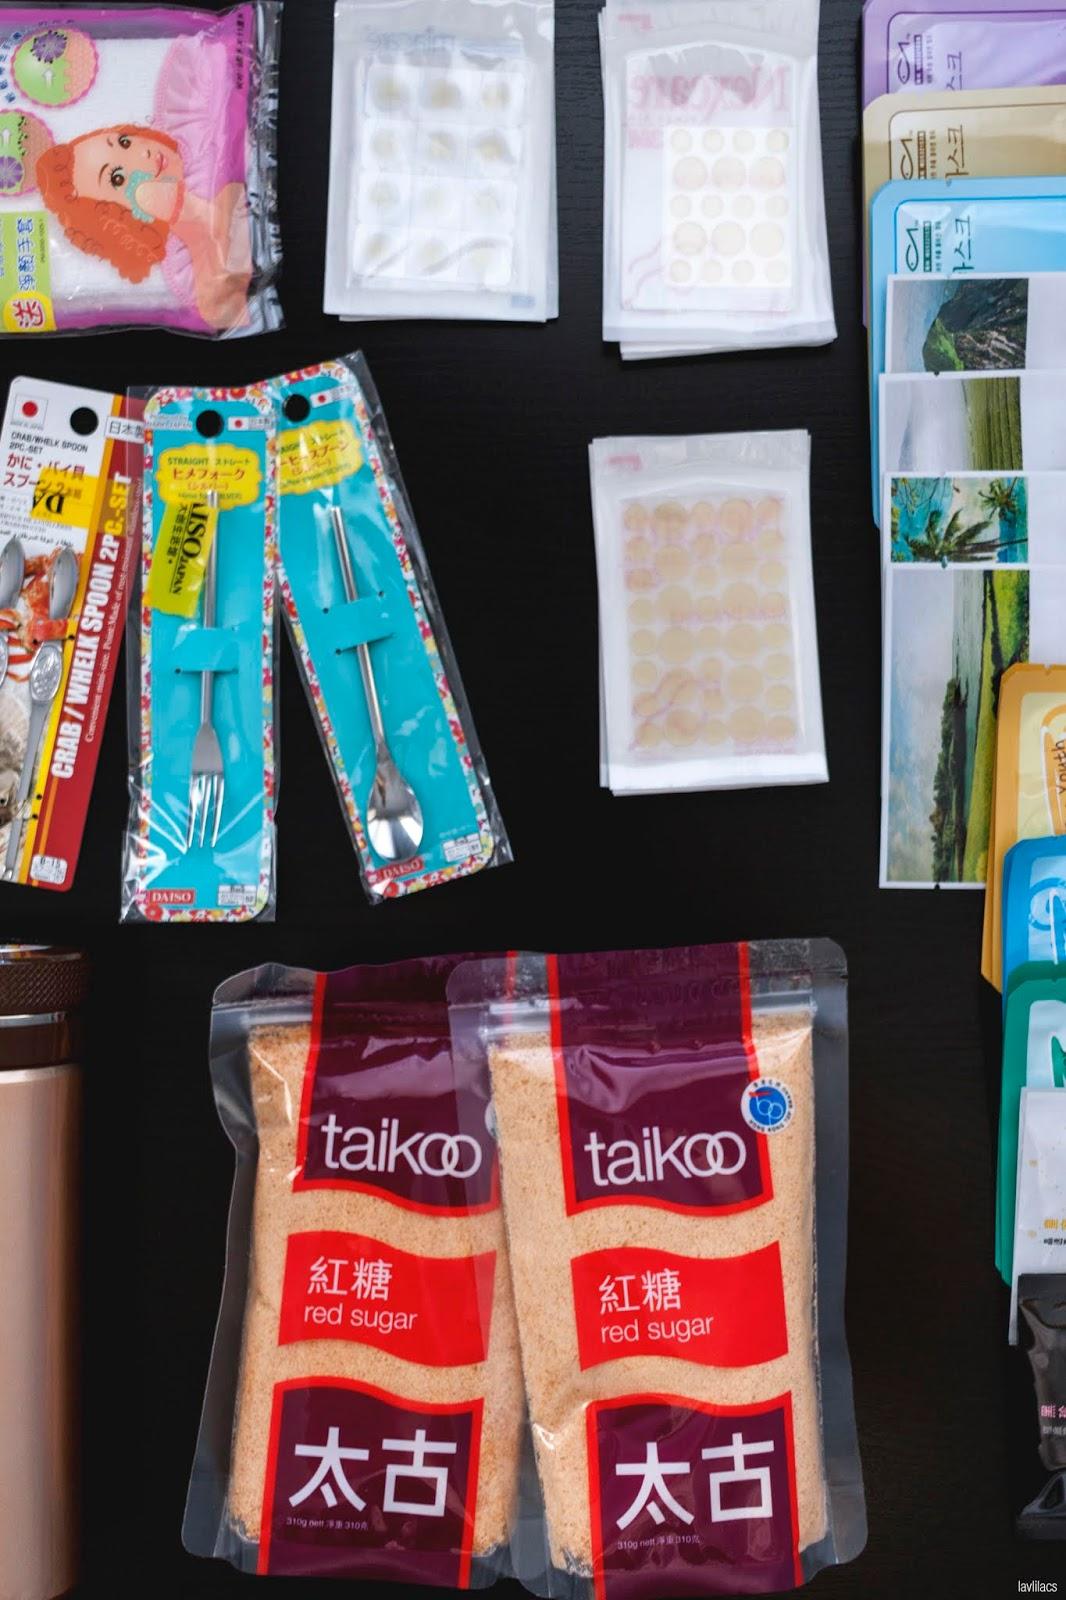 lavlilacs 2016 October Hong Kong and China souvenirs